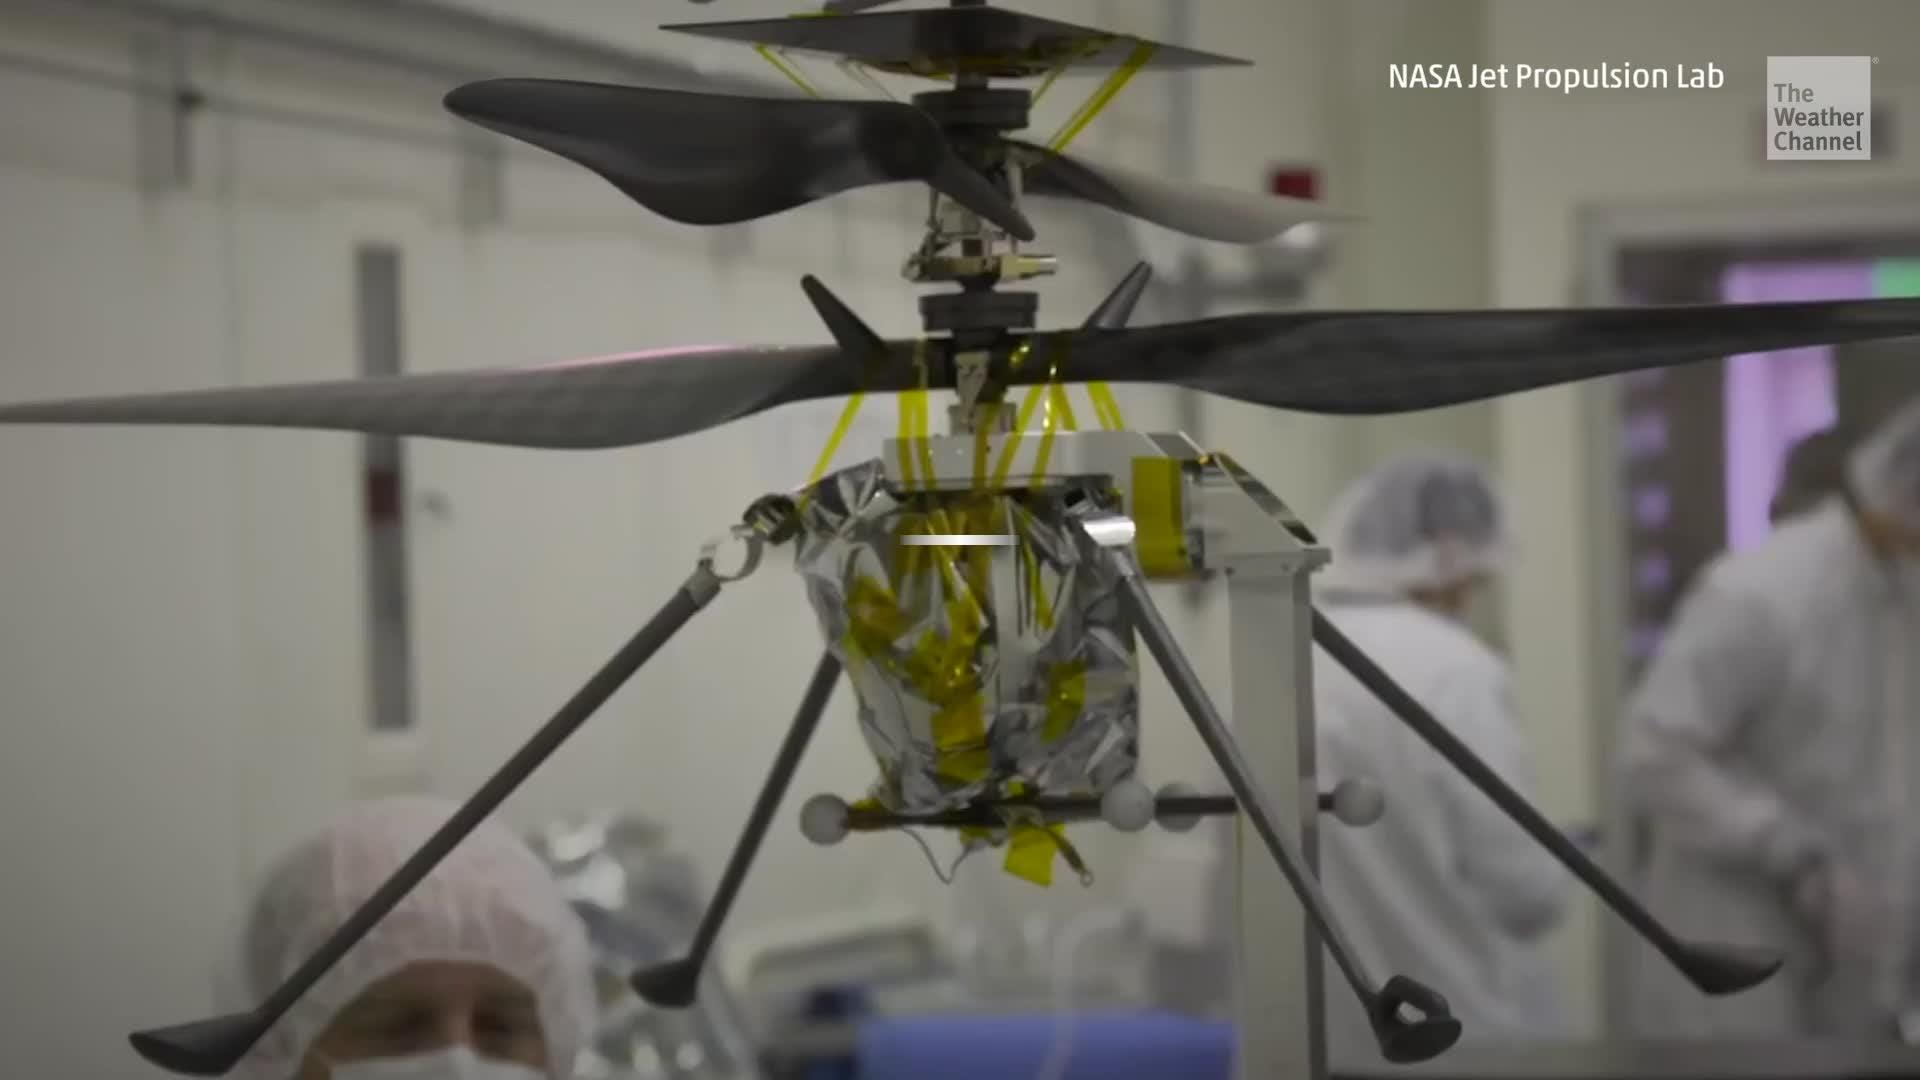 El primer helicóptero de la NASA para Marte está en su fase final de pruebas antes de la misión de 2020. La pequeña aeronave autónoma de 4 libras de peso es crucial para futuras exploraciones en el Planeta Rojo.